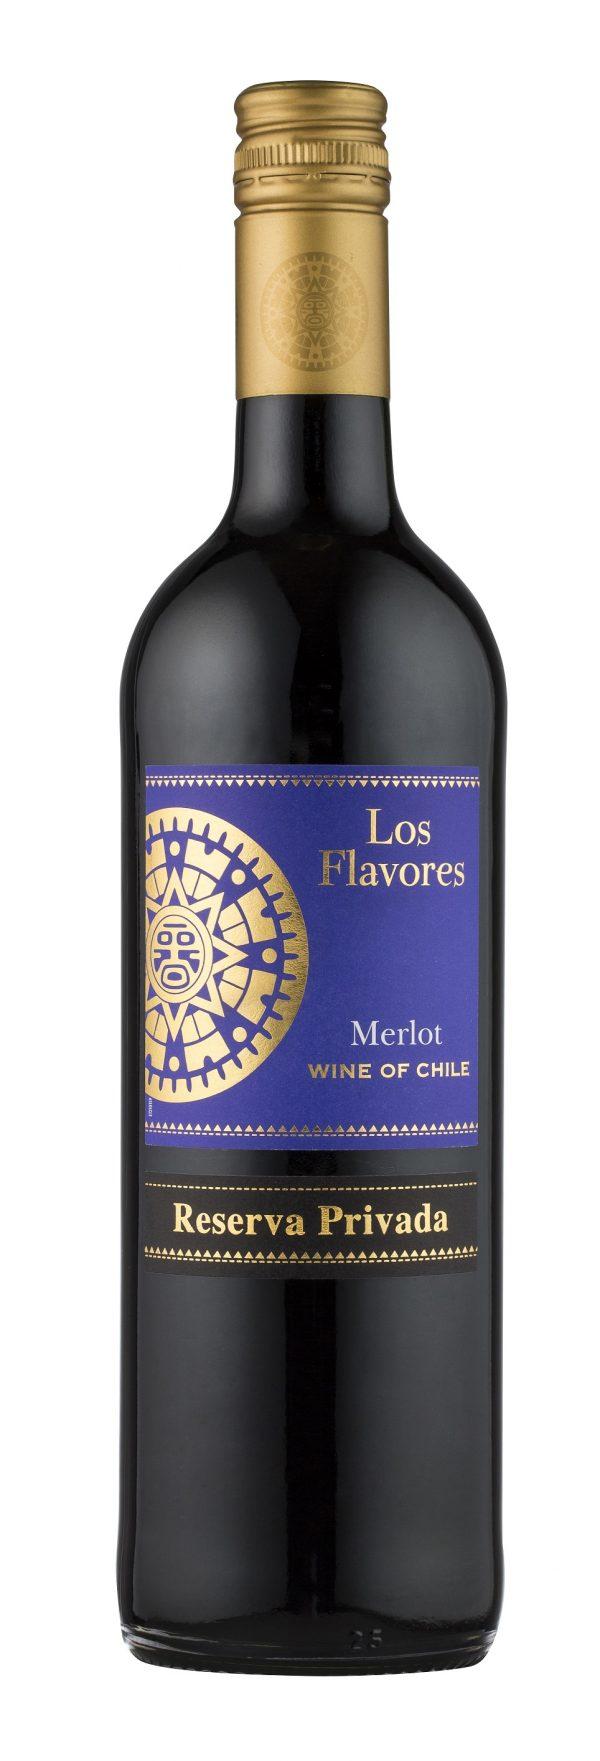 LOS FLAVORES MERLOT 2019 75CL